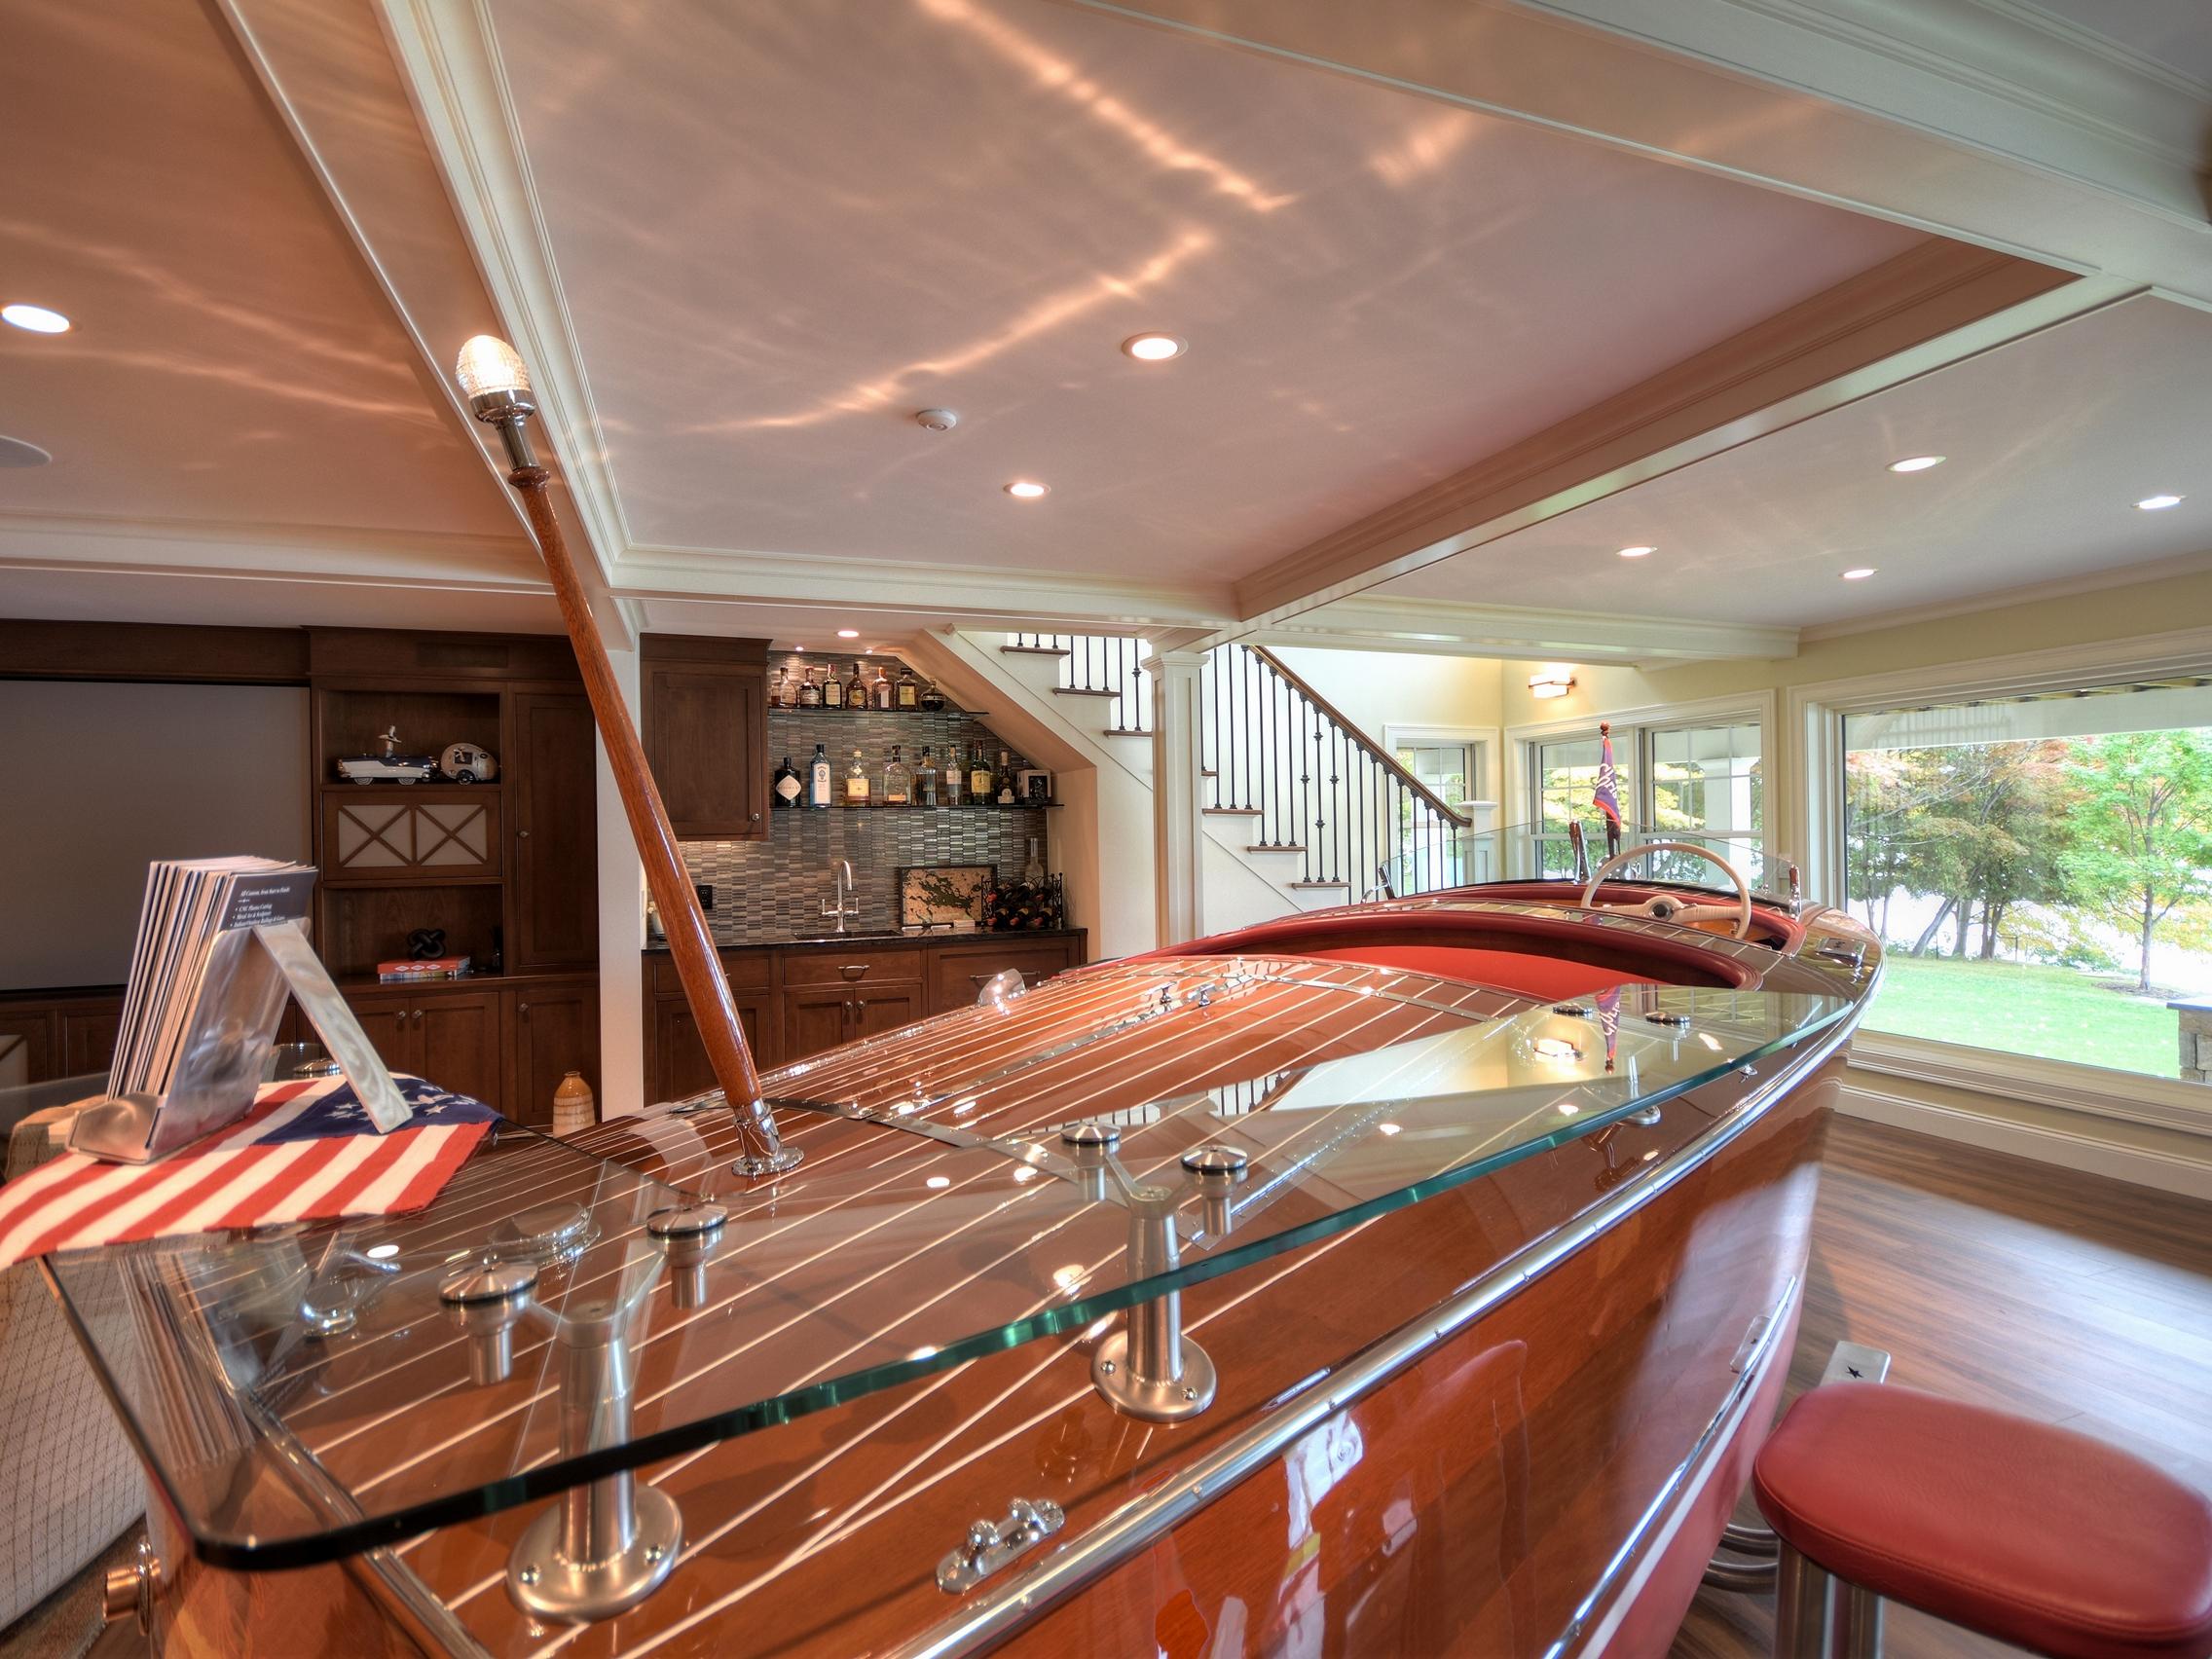 custom boat bar with stools